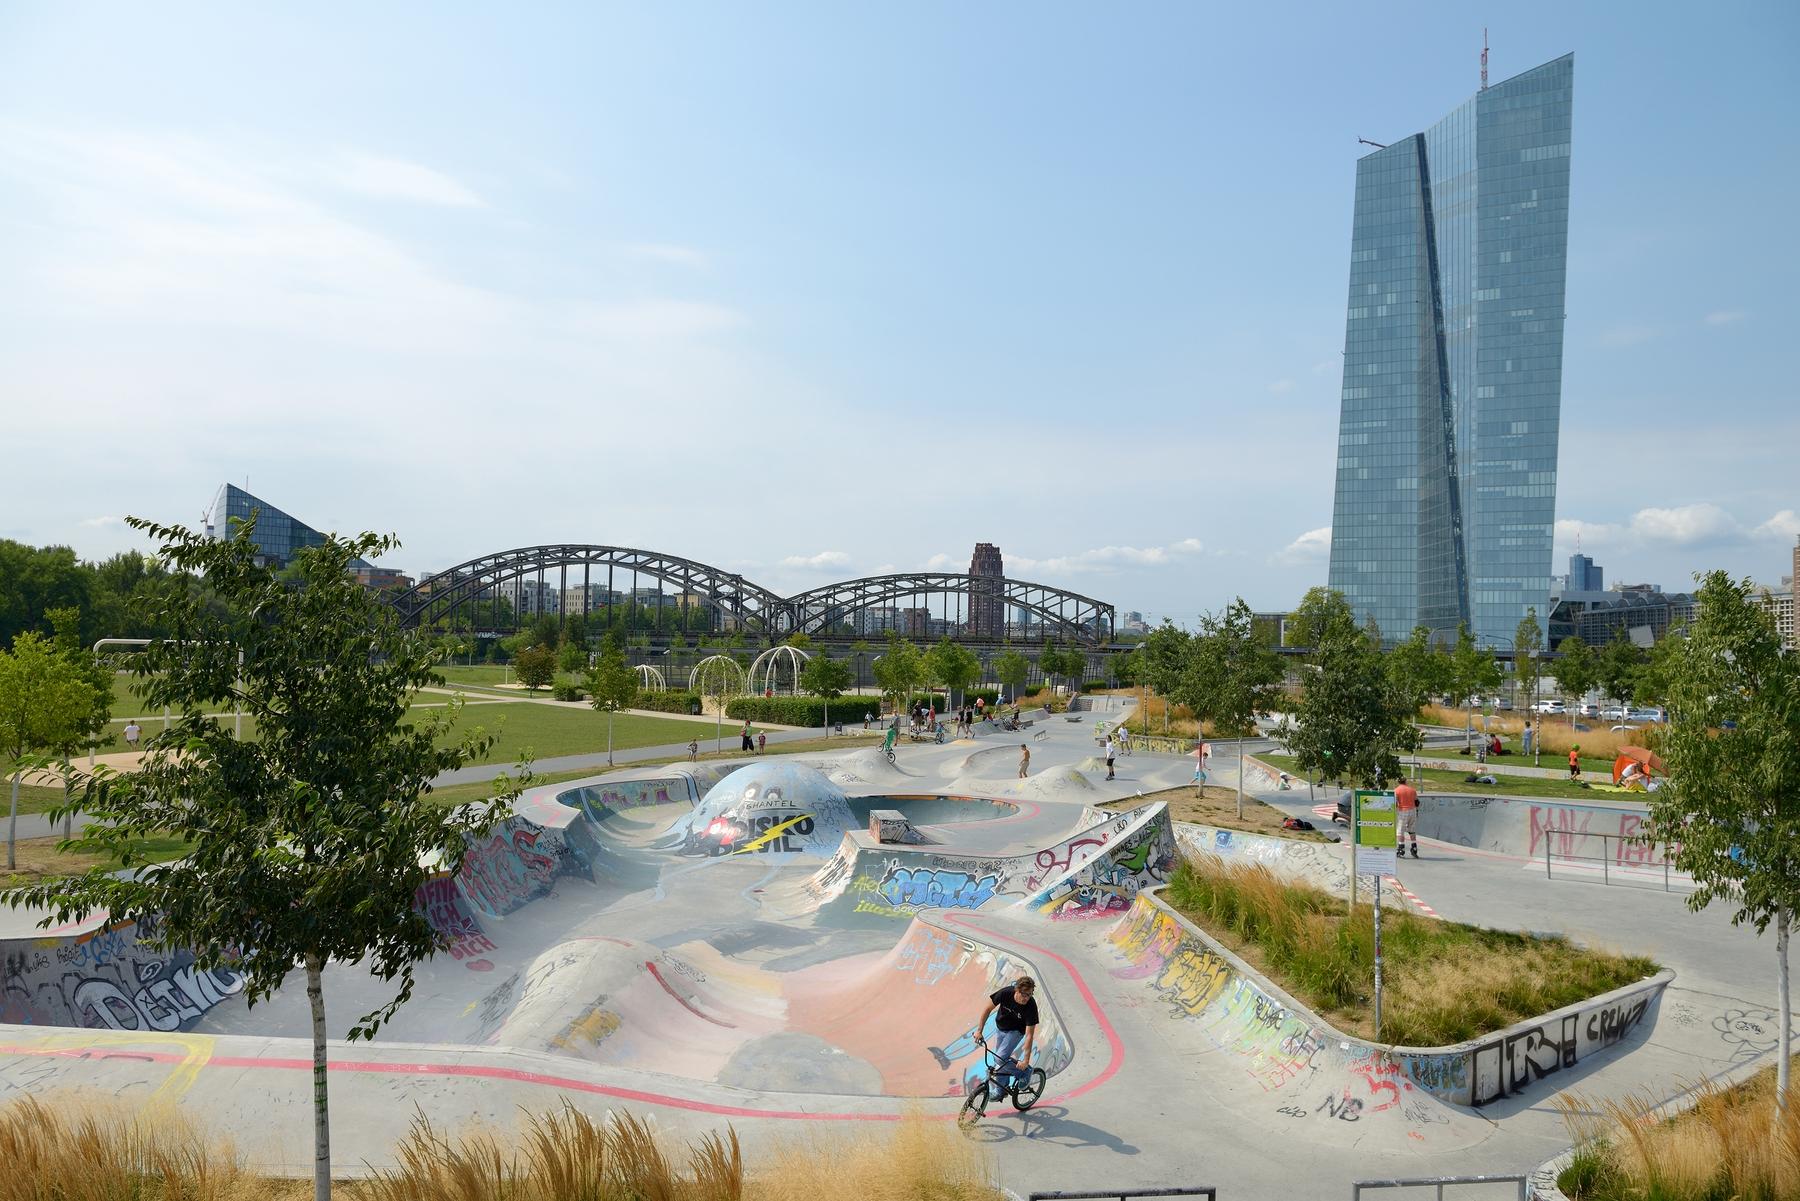 Kostenlose Aktivitäten in Frankfurt: Skatepark im Hafenpark an der Europäischen Zentralbank